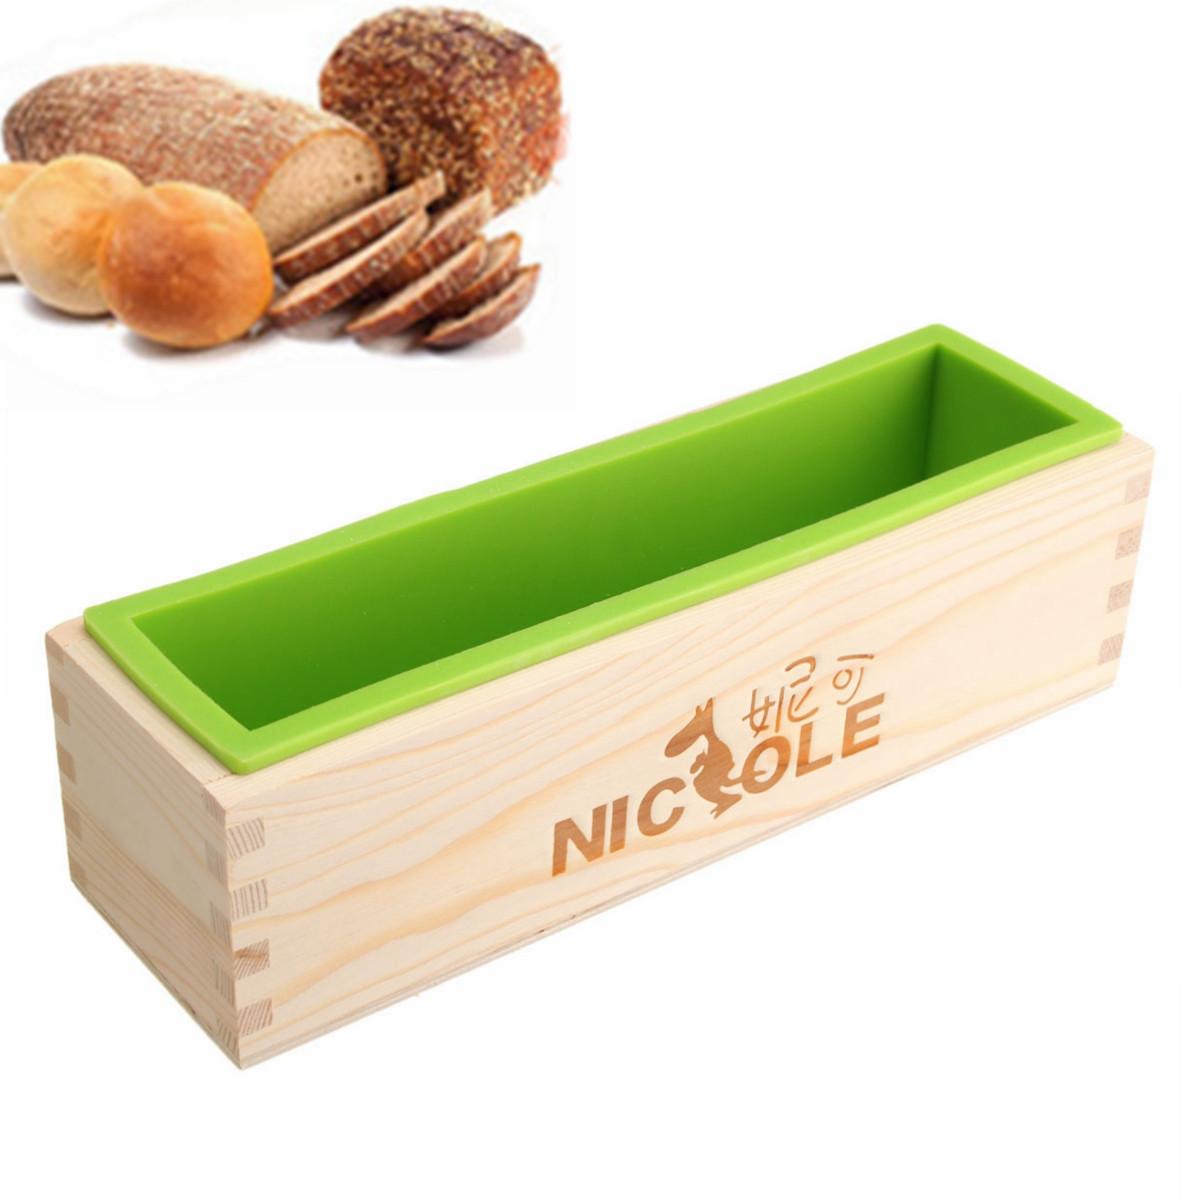 Прямоугольник Силиконовый Мыло Плесень деревянная Коробка DIY Инструмент Форма для выпечки торта для выпечки хлеба